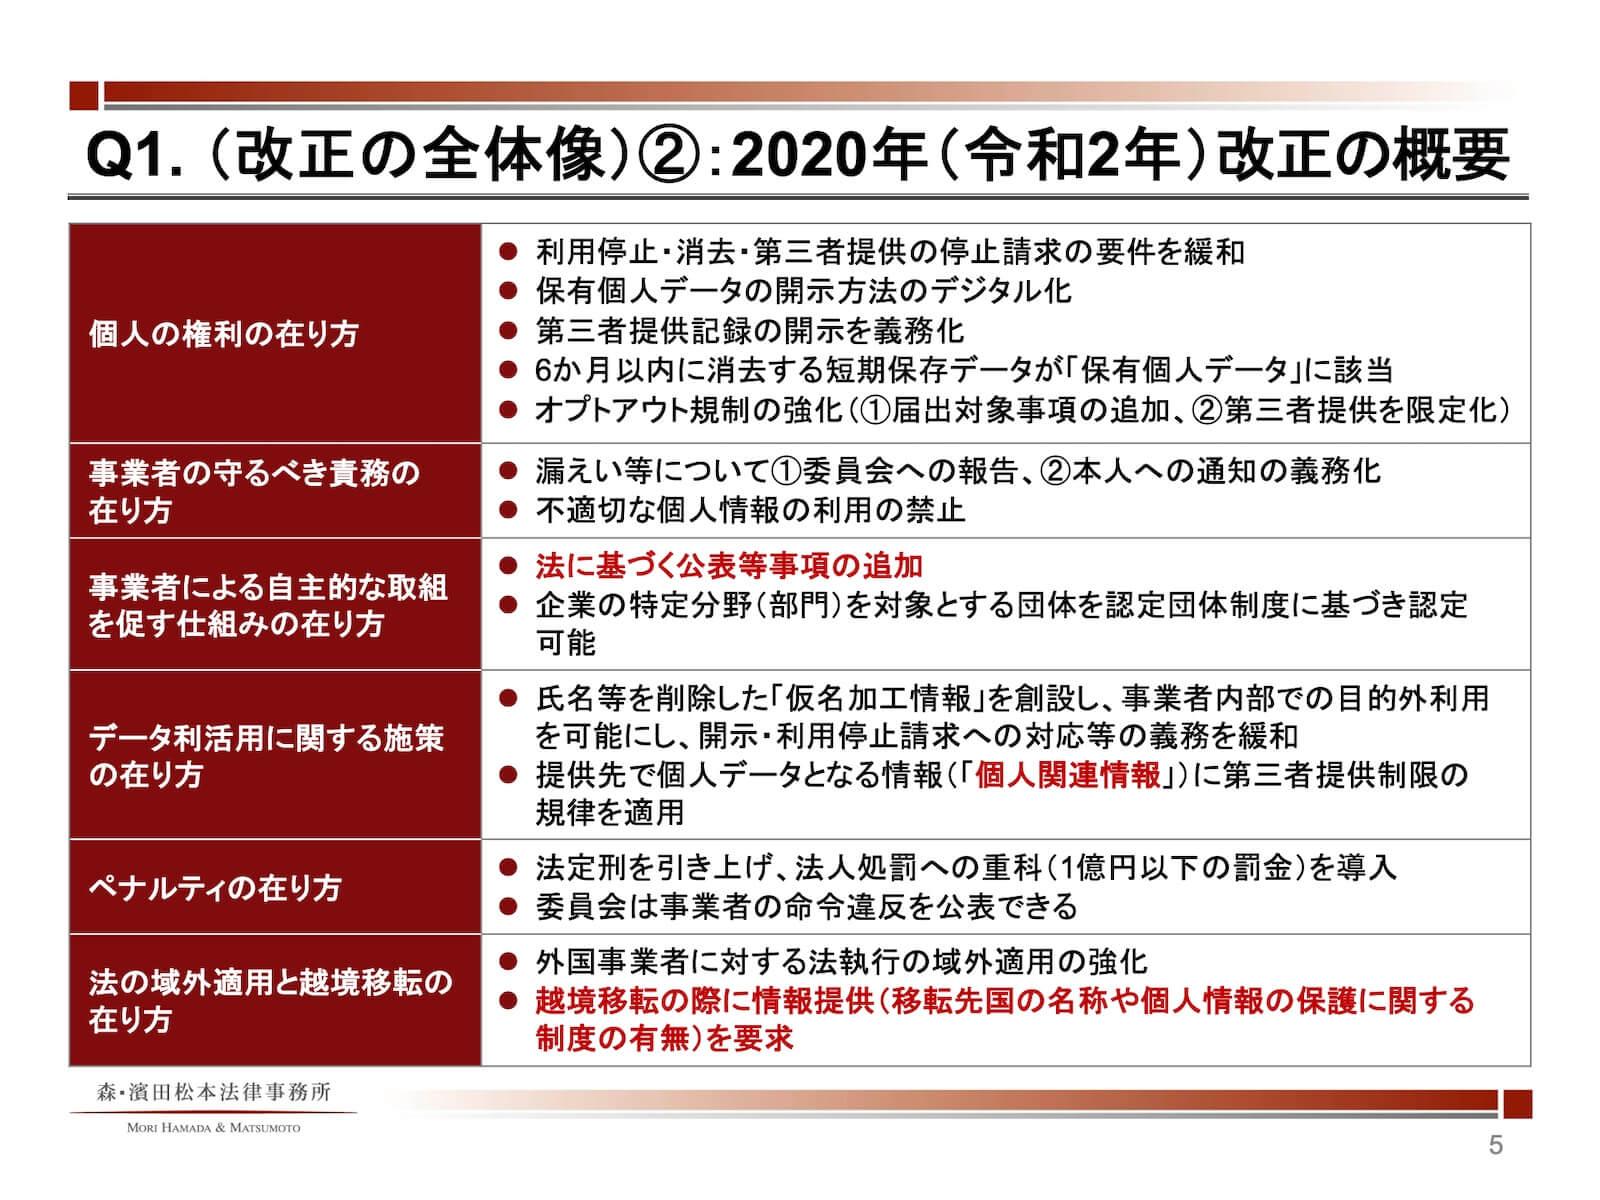 2020年改正の概要